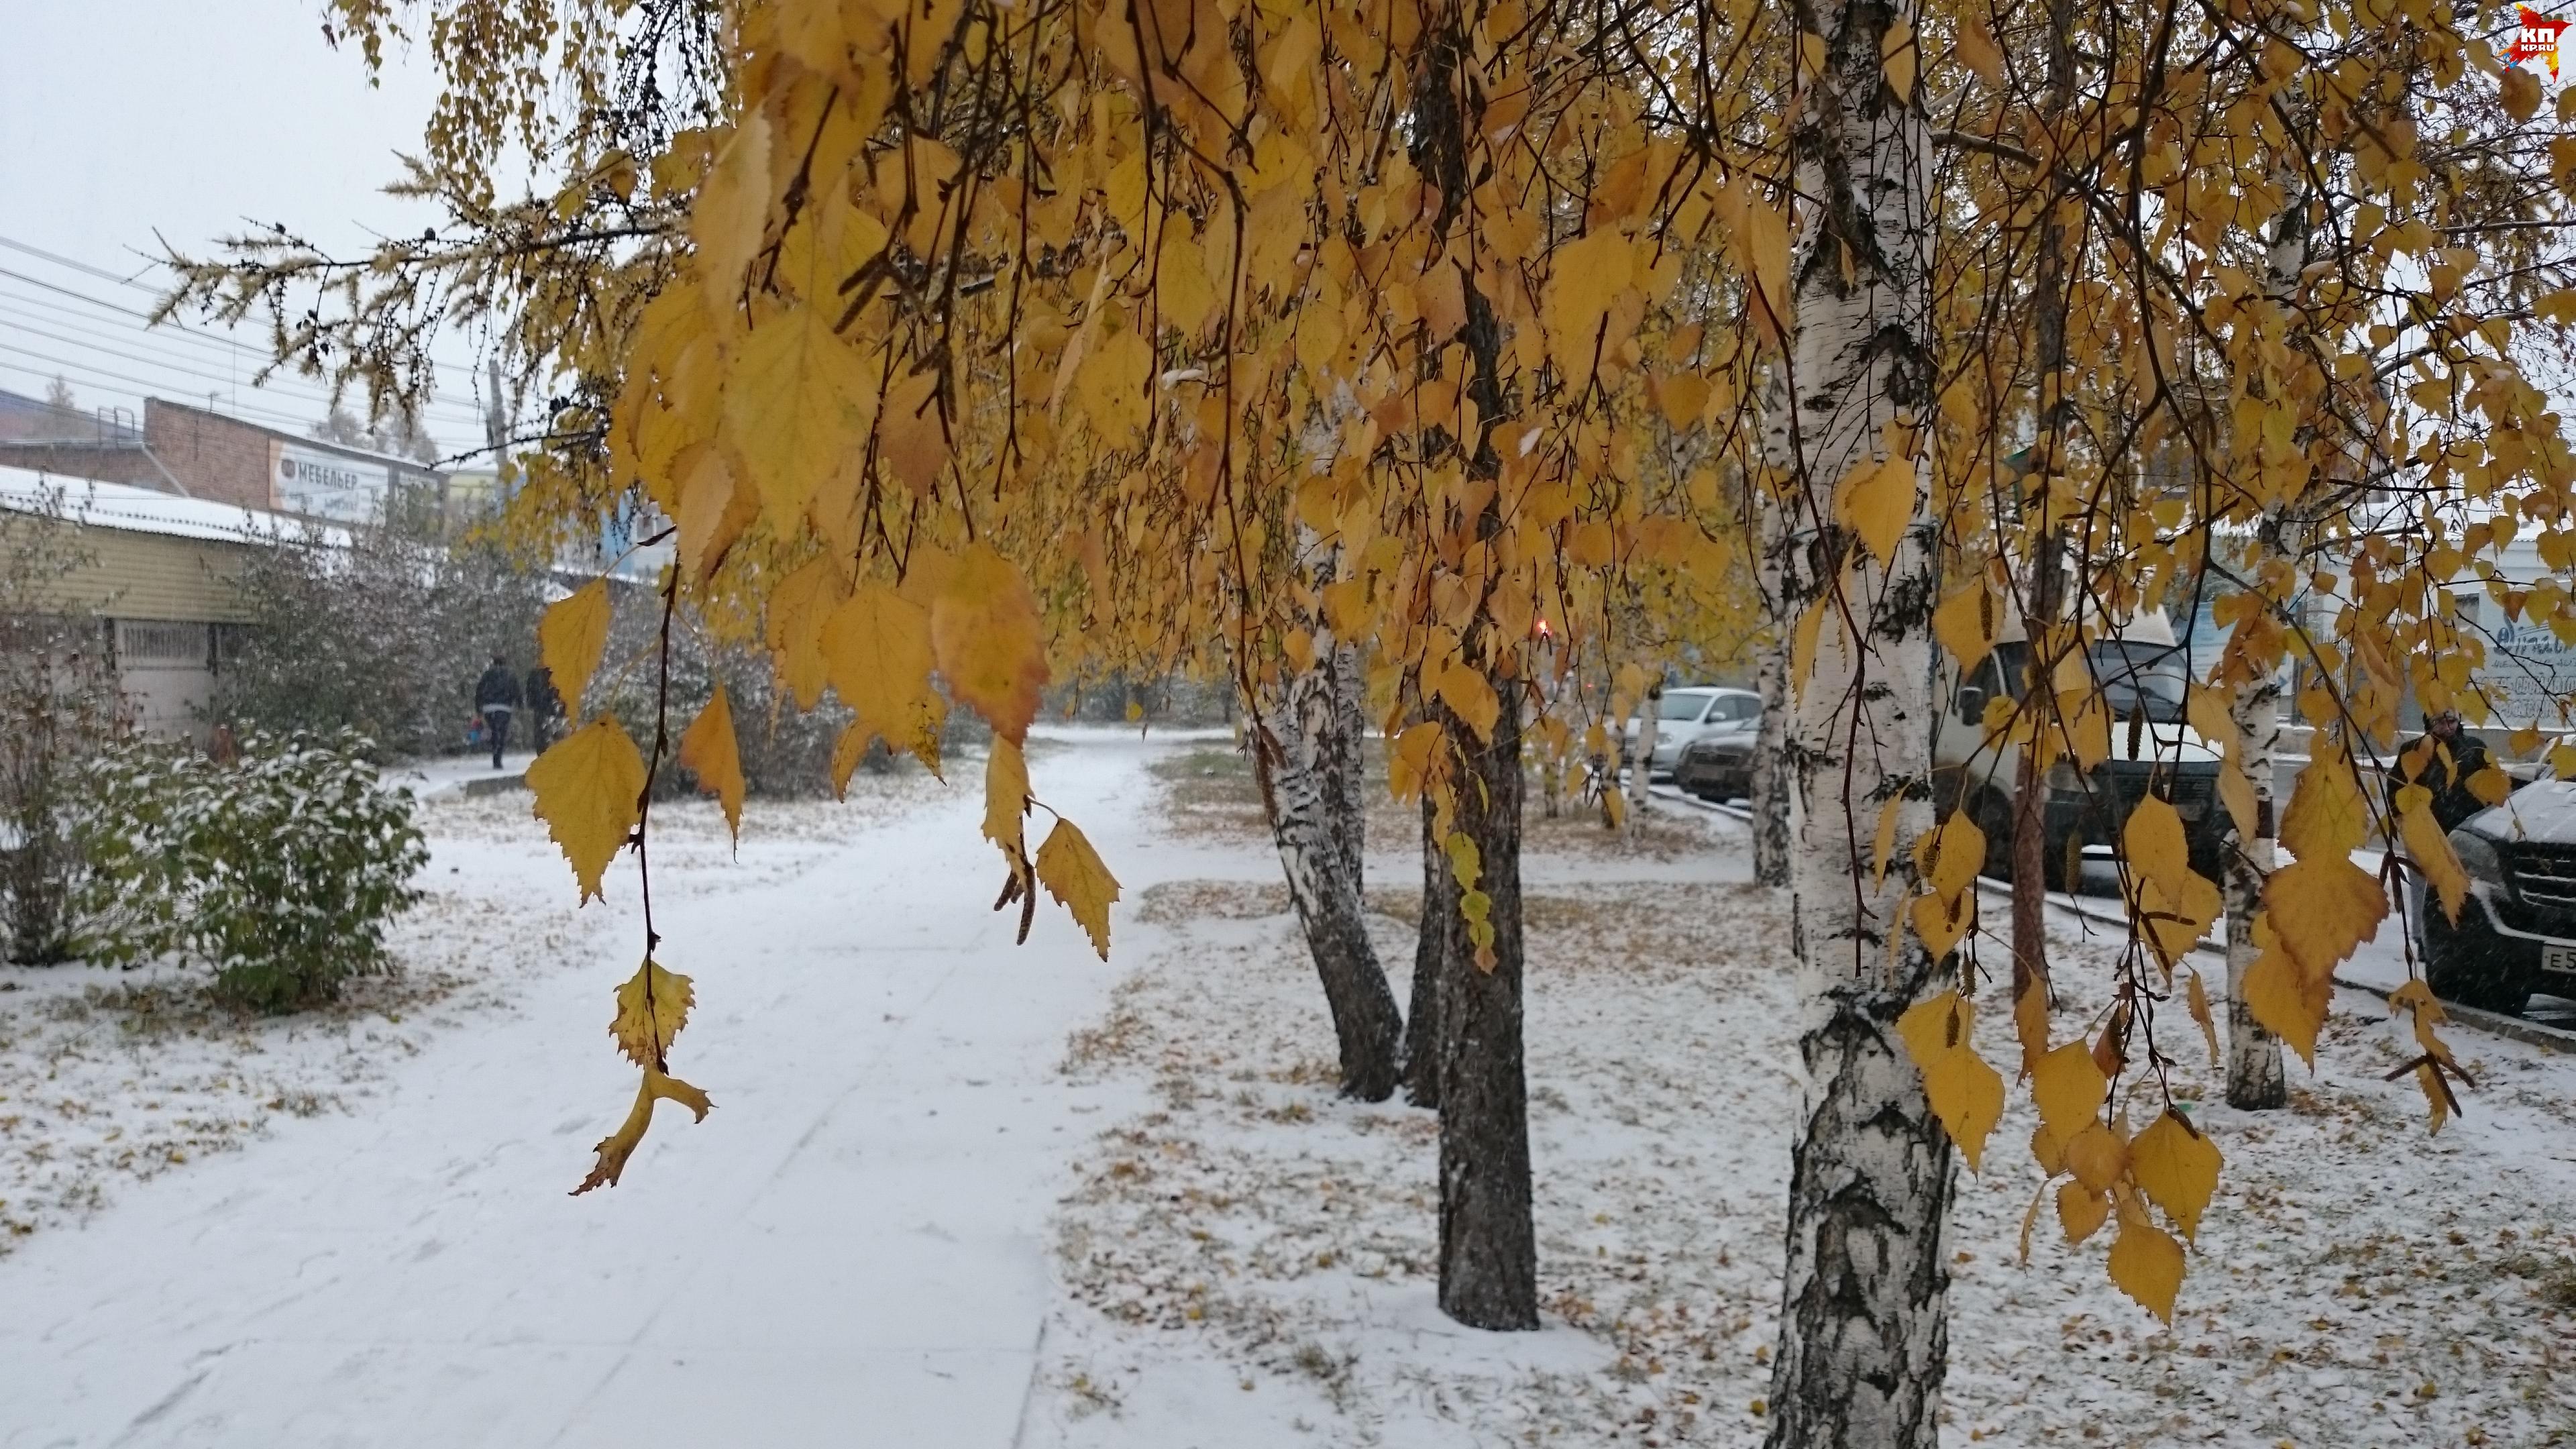 ВКрасноярске предполагается прохладная иснежная неделя